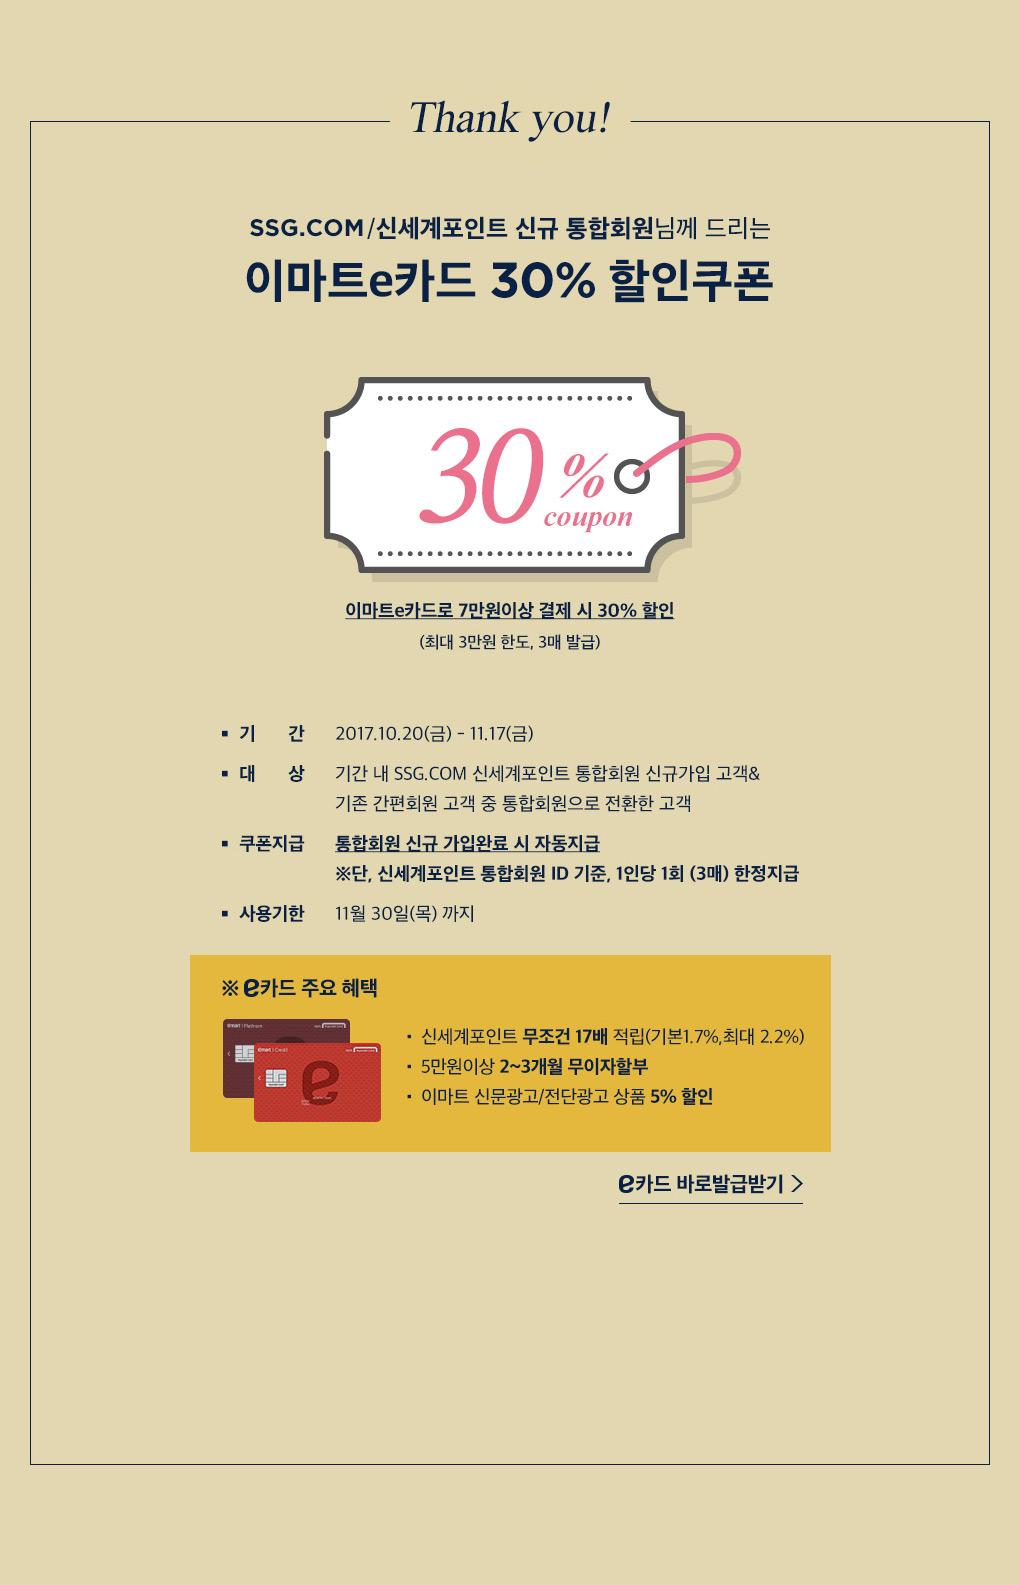 Thank you! SSG.COM/신세계포인트 신규 통합회원님께 드리는 이마트e카드 30% 할인쿠폰